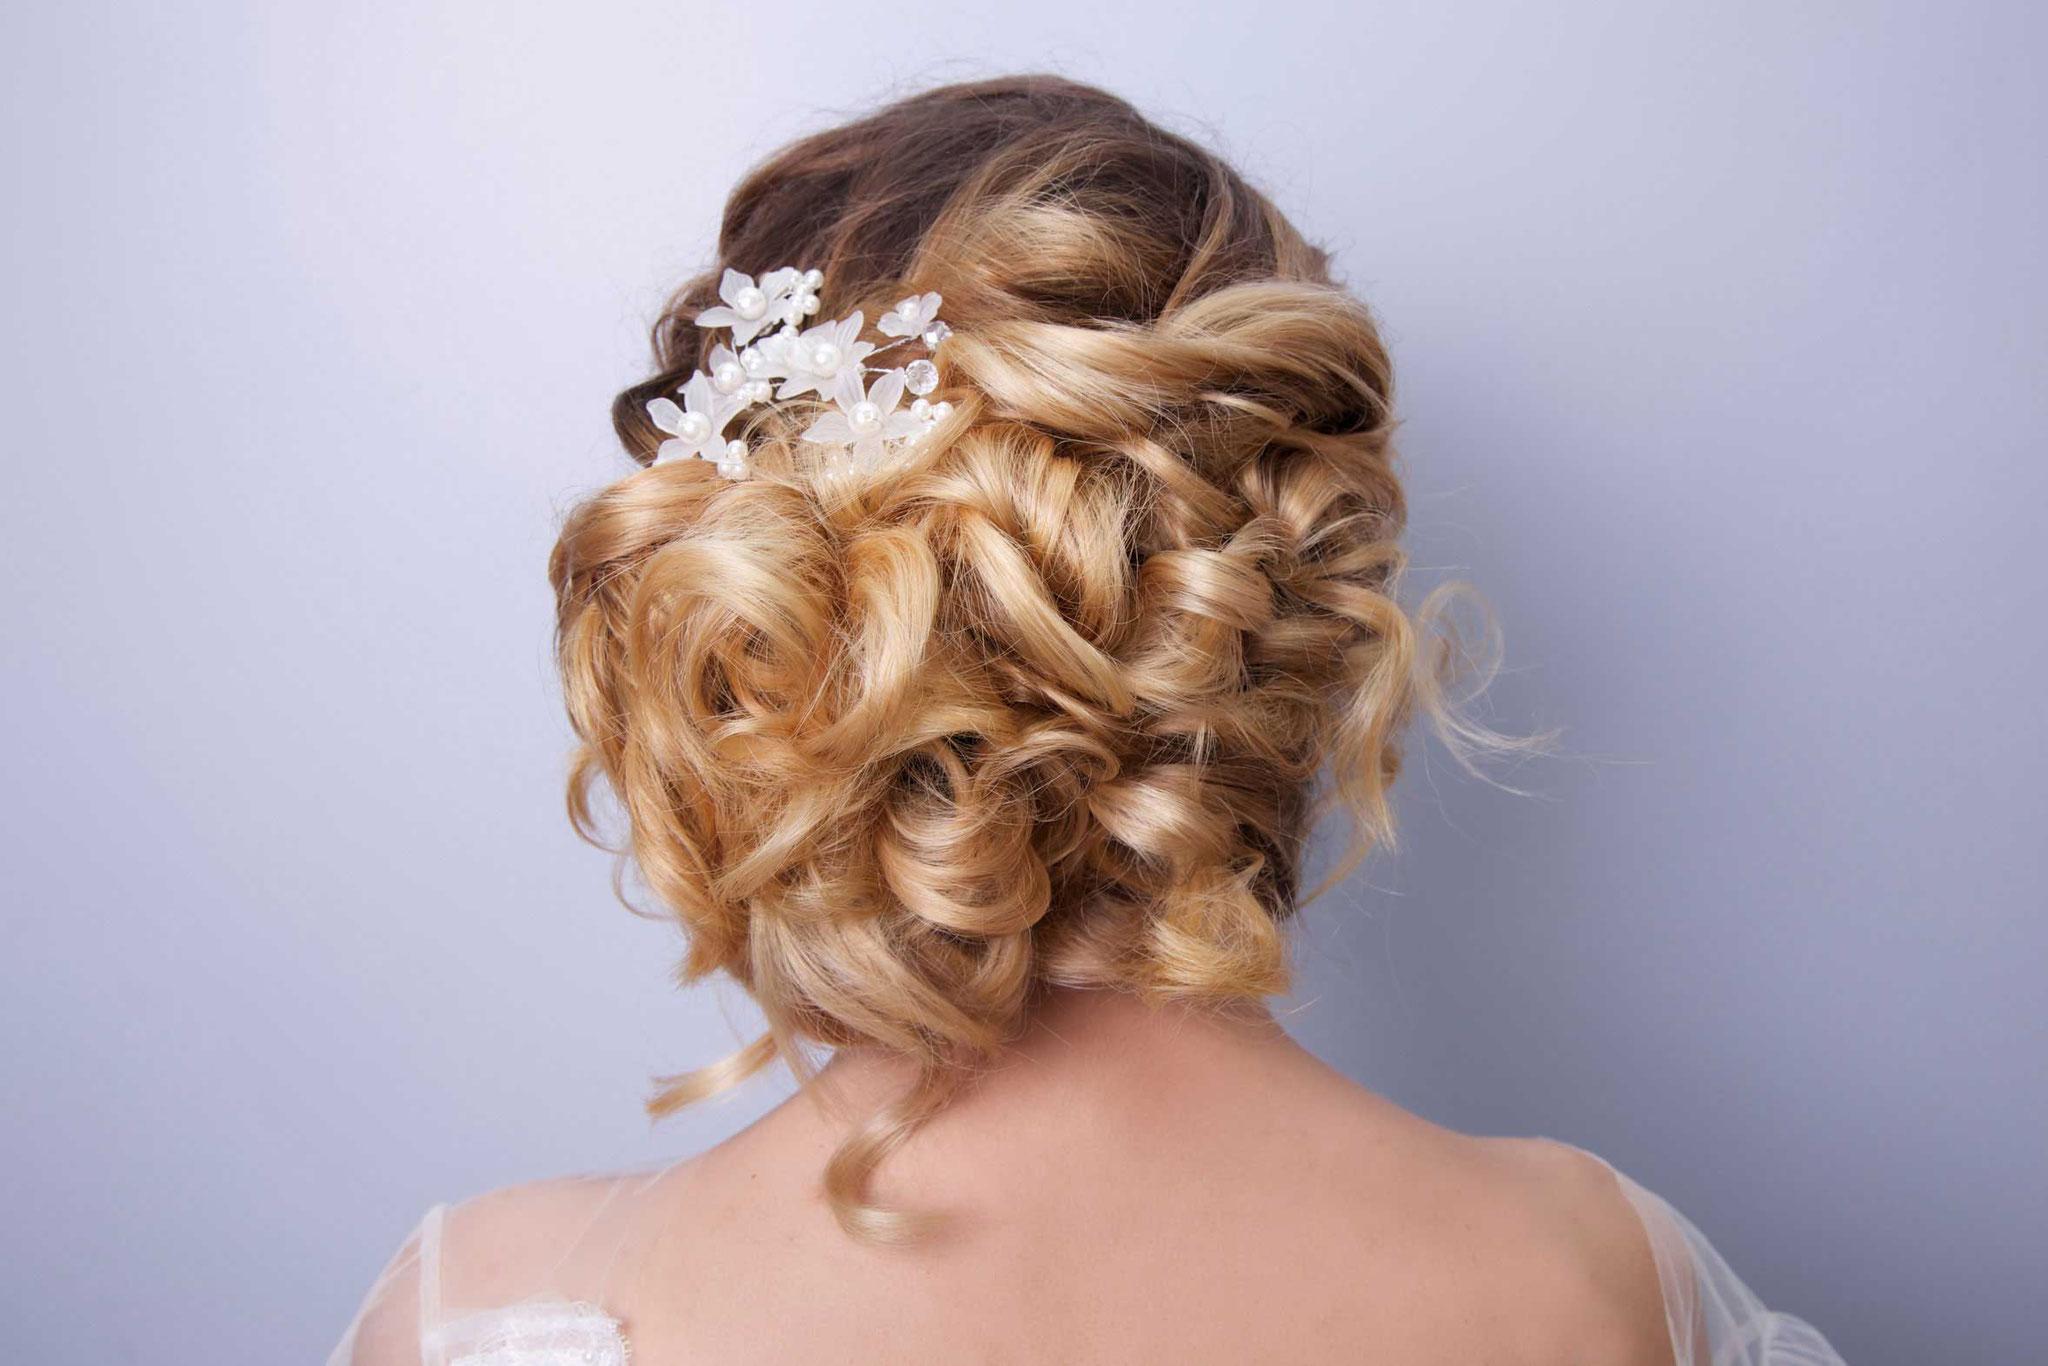 Hochsteckfrisuren, festliche Frisuren, Hochzeitsfrisuren